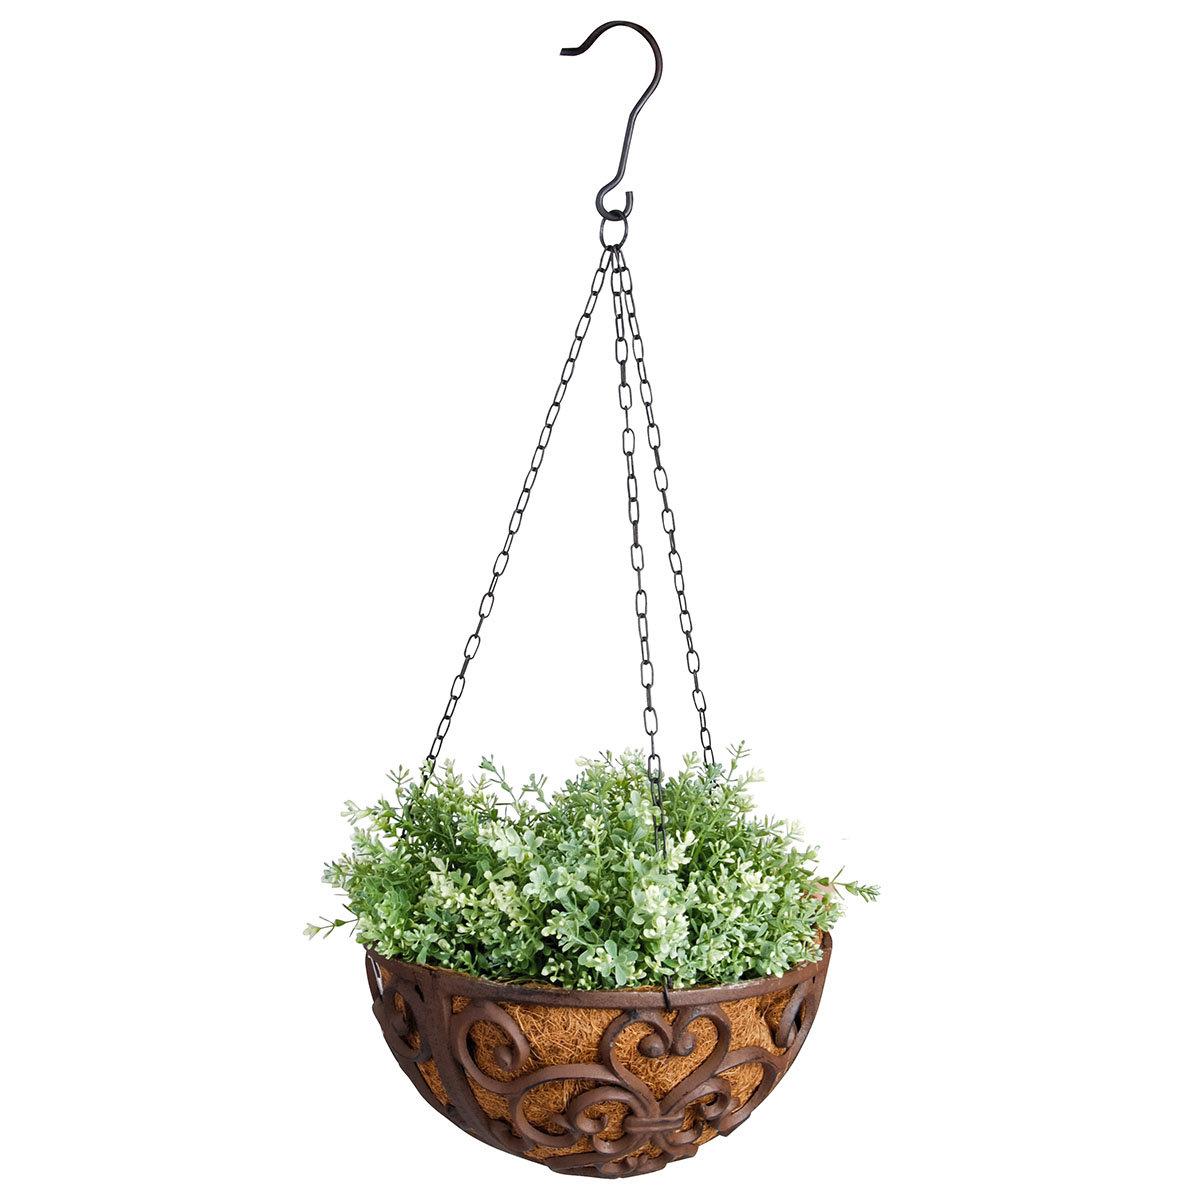 Blumenampel Nostalgie mit Kokoseinlage, Gusseisen, ca. 30 cm | #3